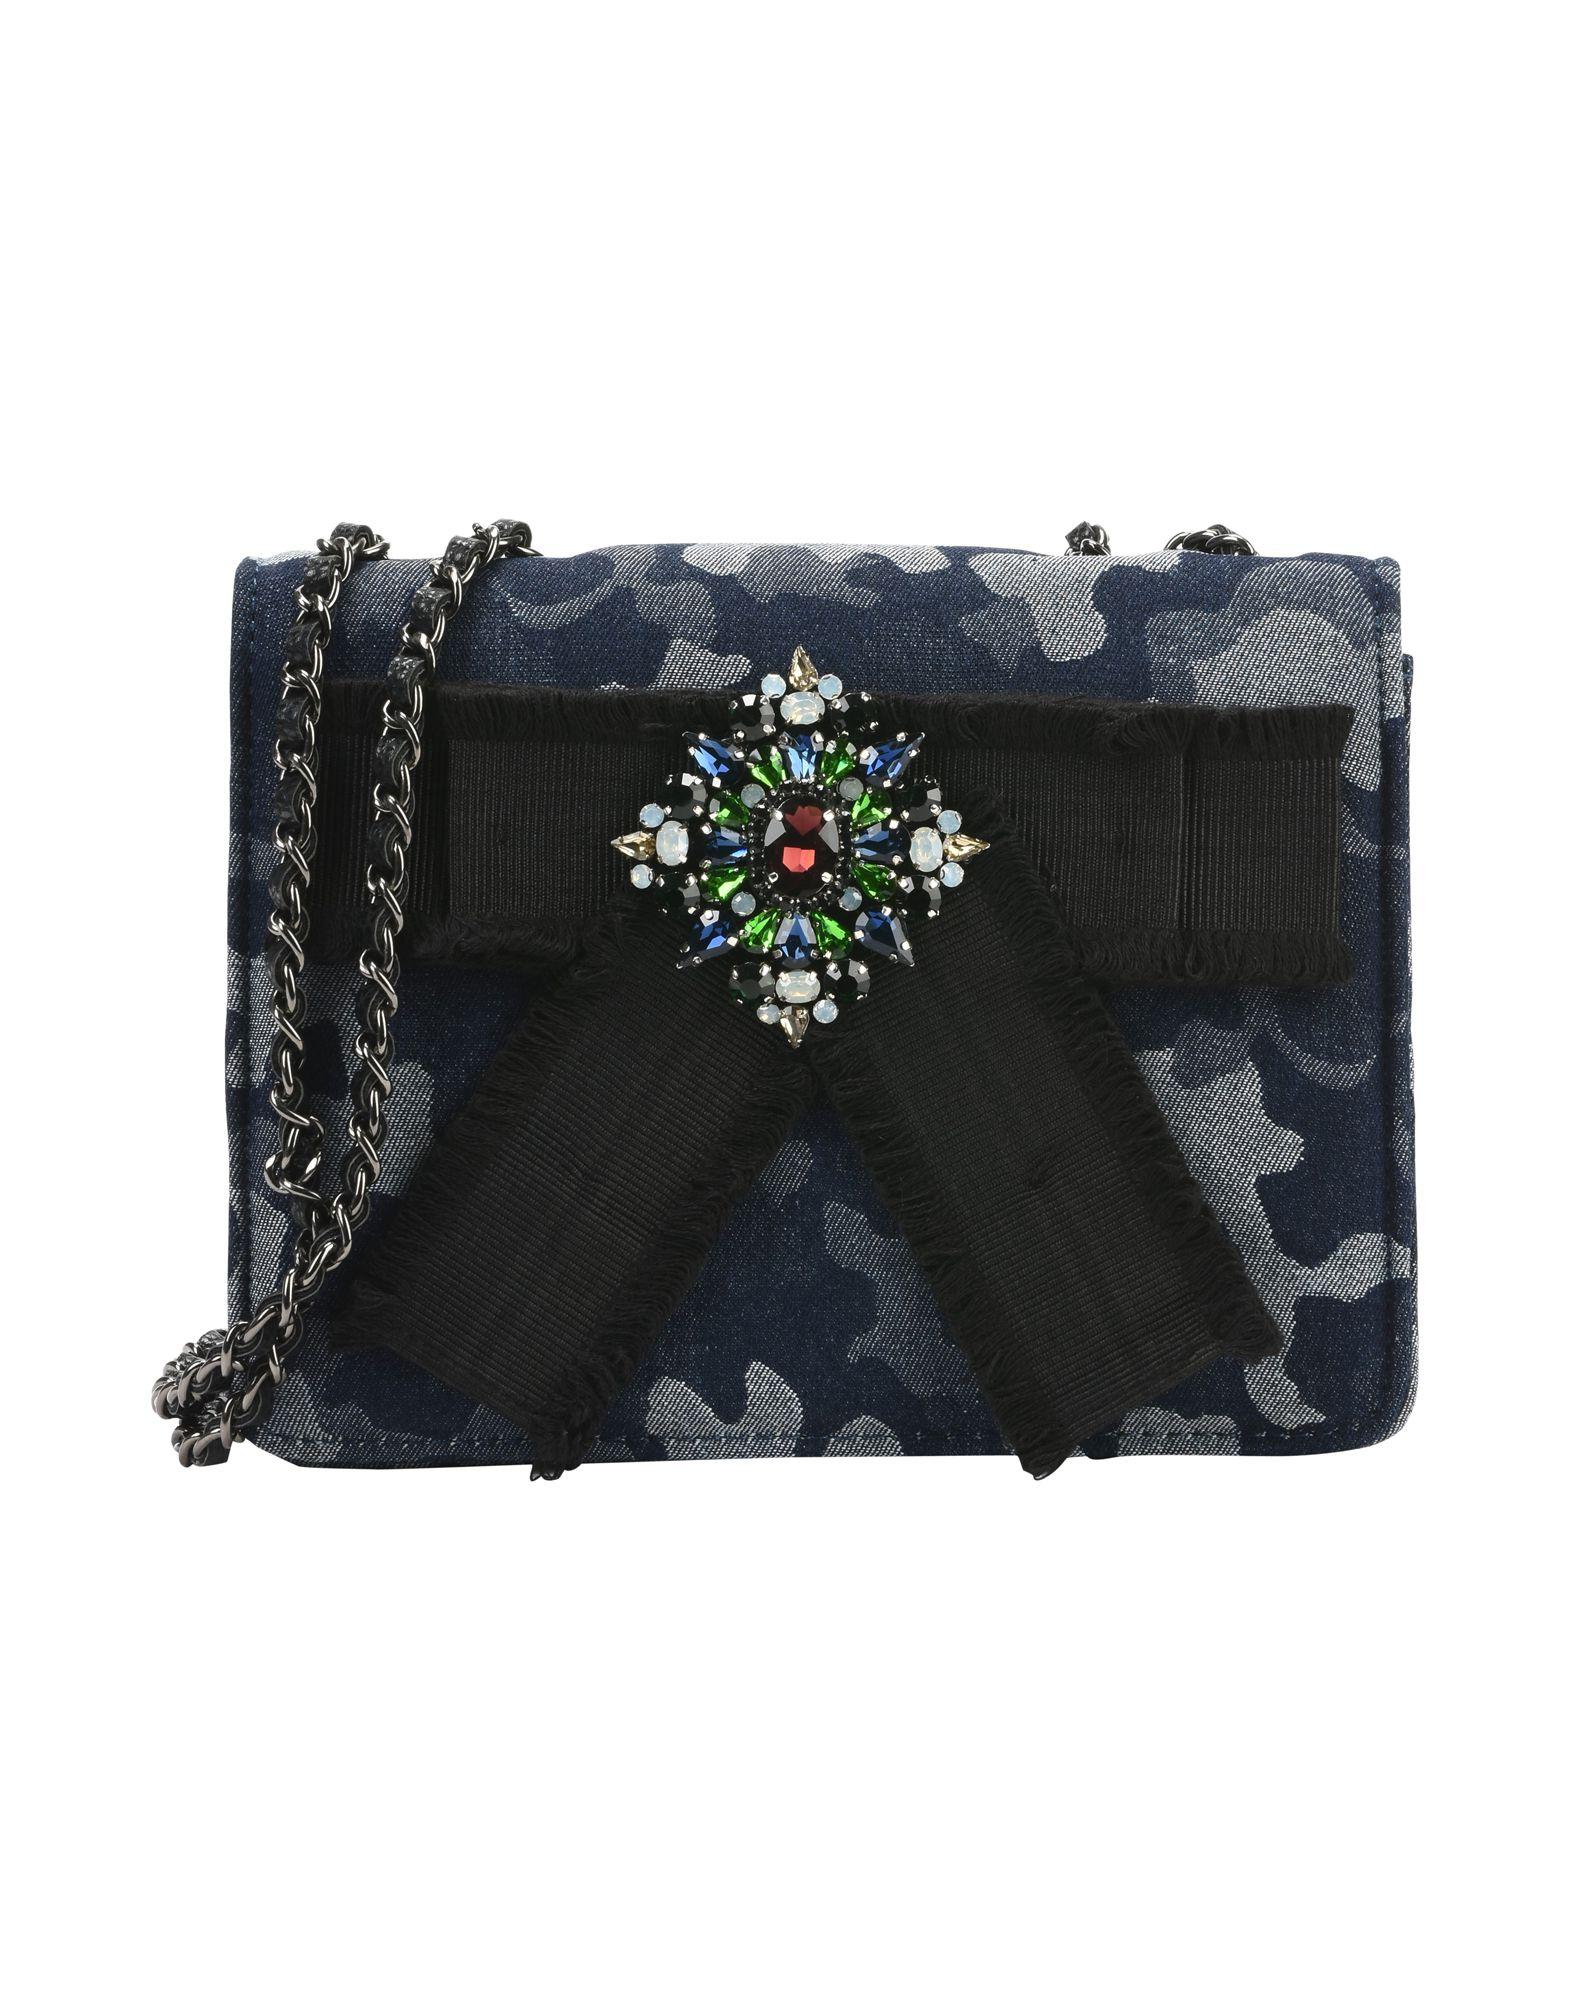 《送料無料》ESSENTIEL ANTWERP レディース メッセンジャーバッグ ブルー コットン / ガラス / 金属繊維 Petrella small shoulderbag